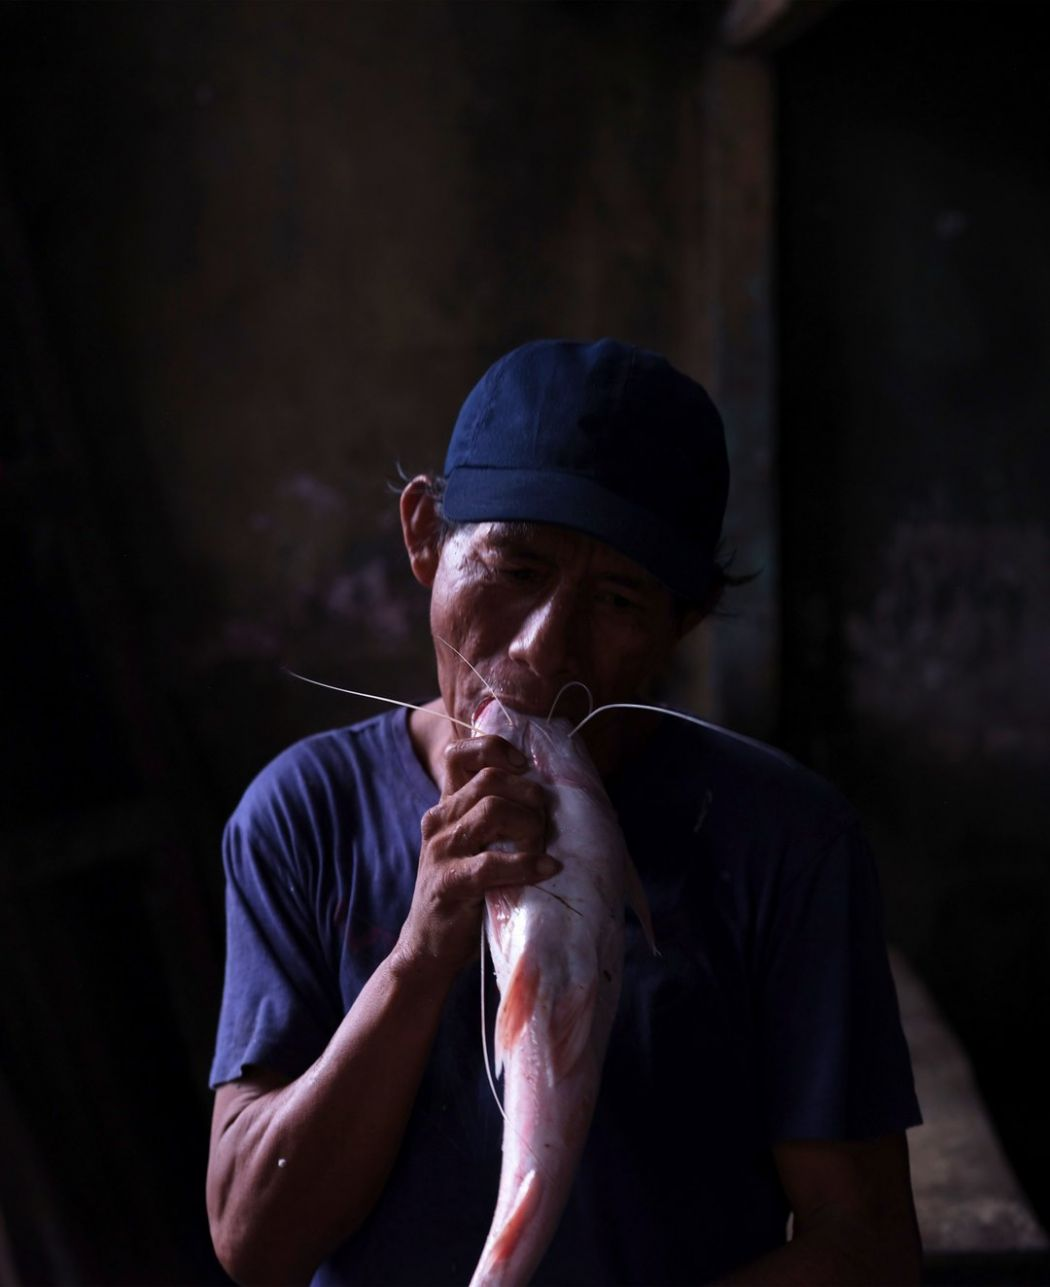 Magnum photos fujifilm, Peru